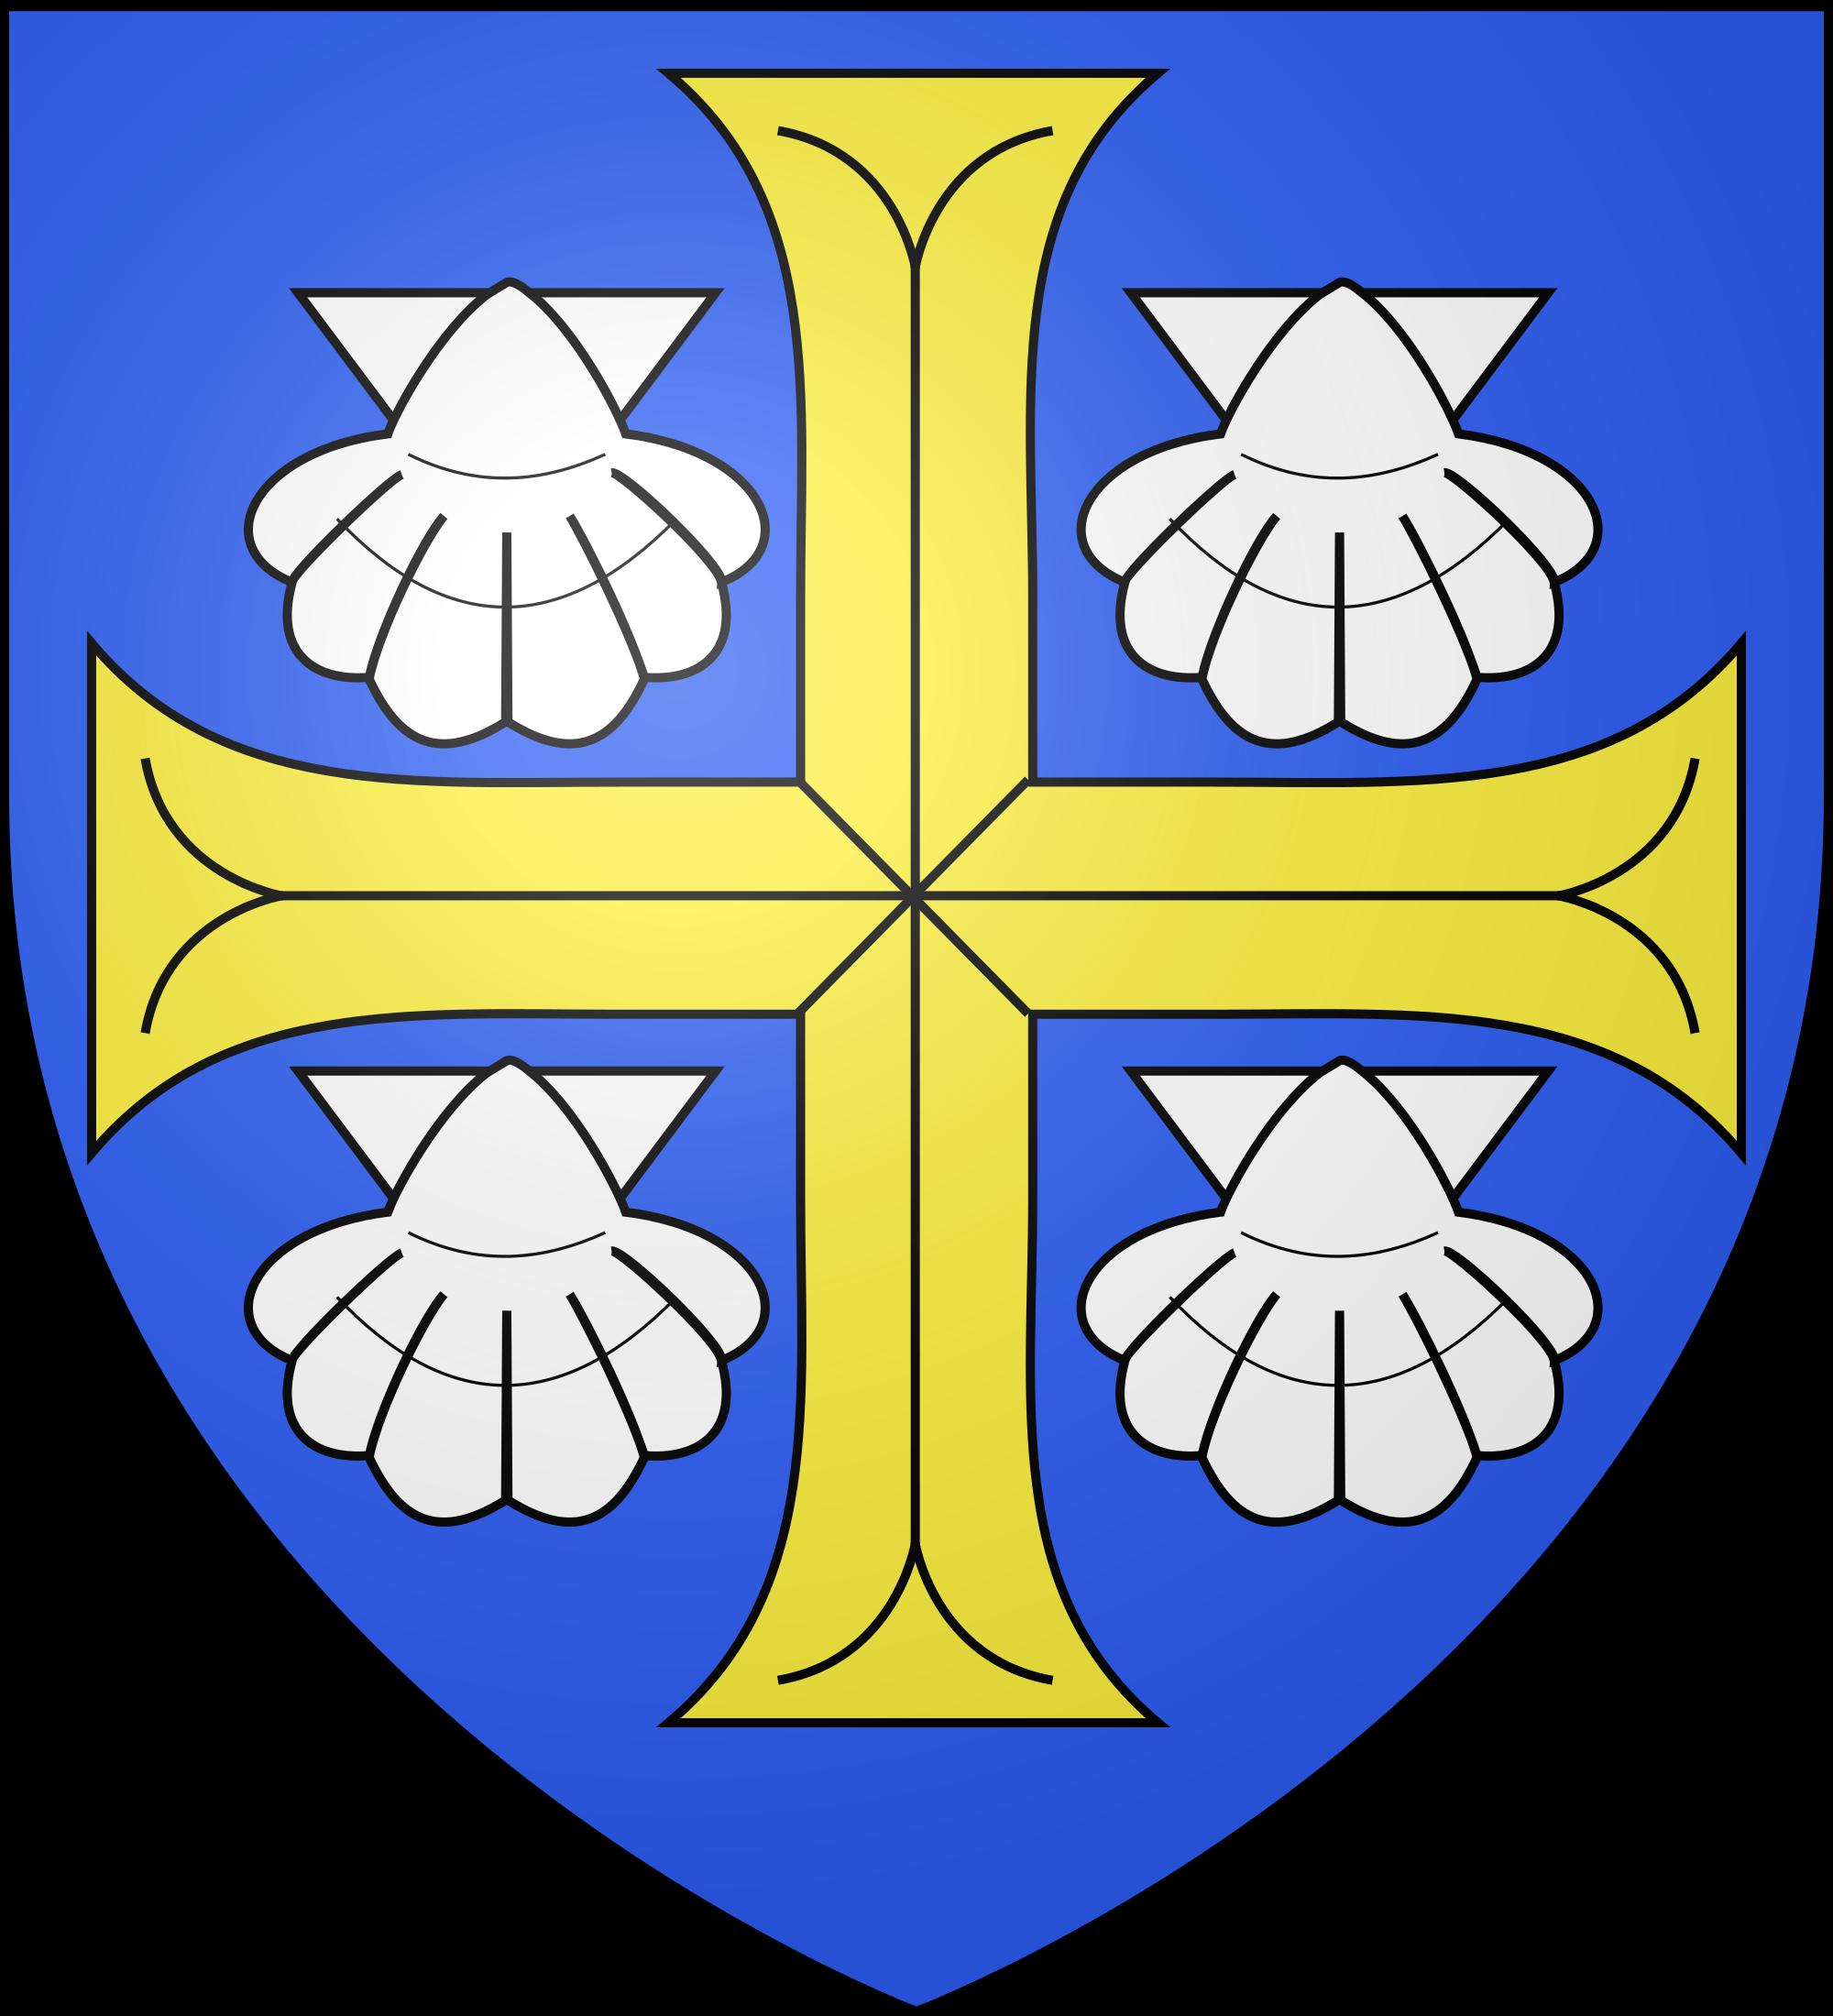 File:Wappen Sultzheim Rheinhessen.svg.